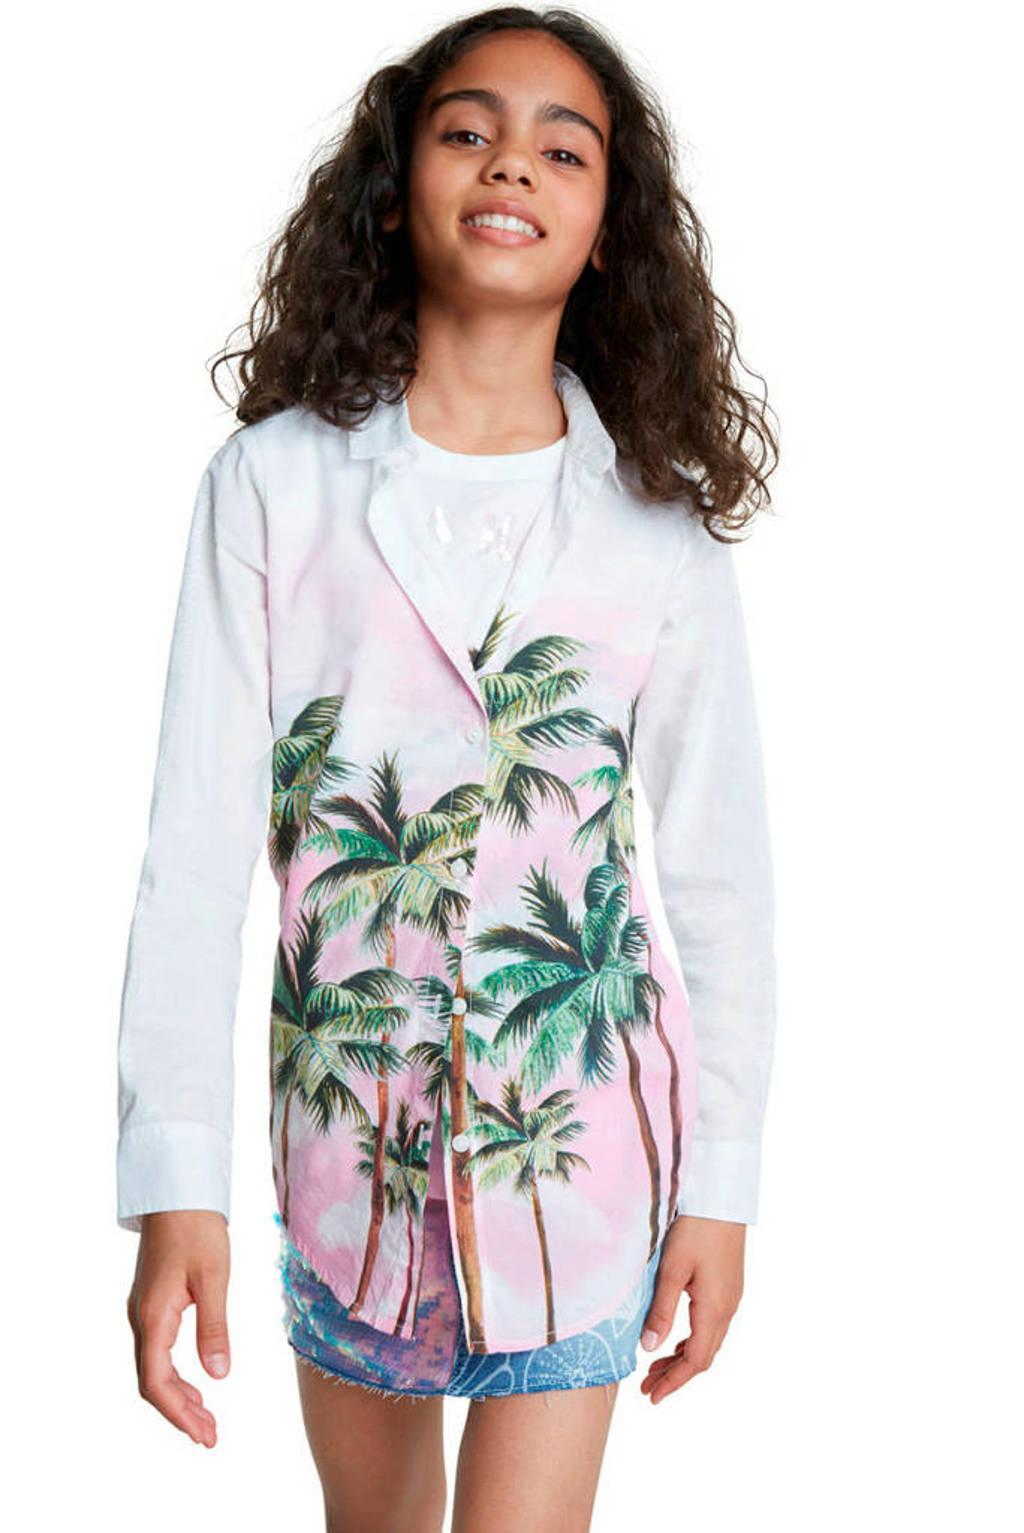 Desigual blouse met printopdruk wit/roze/groen, Wit/roze/groen